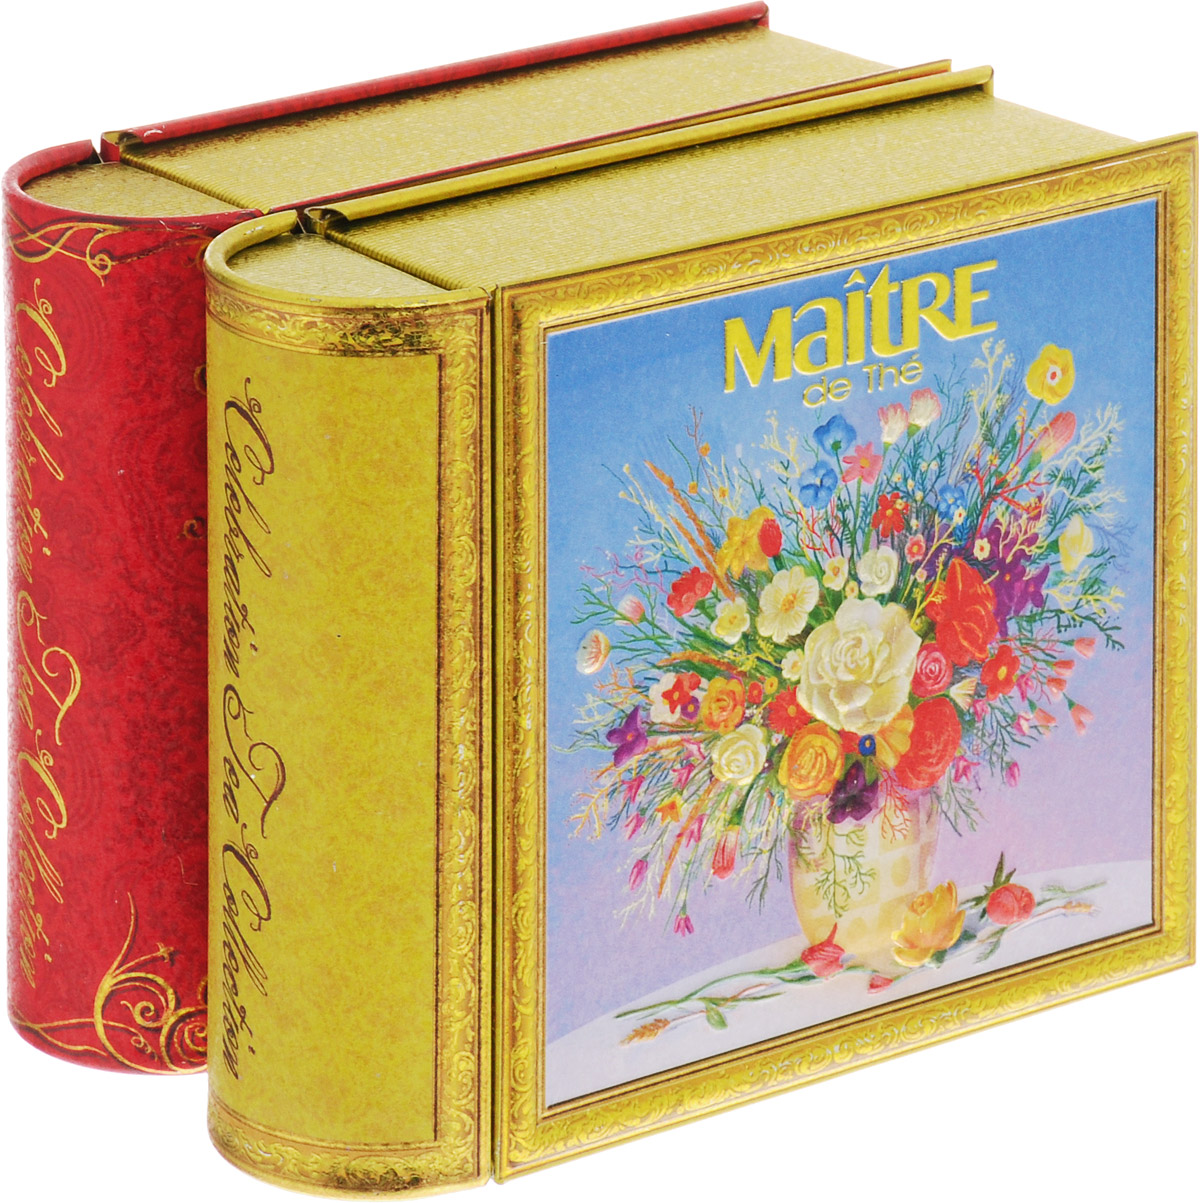 Maitre С праздником набор черного листового чая, 100 г4607099307810Продолжение подарочной коллекции серии книг-малышек «Celebration tea collection». Весна – это время, когда природа просыпается и дарит нам лучшее признание в любви: цветы. Две книжки оформлены в единой спайке.